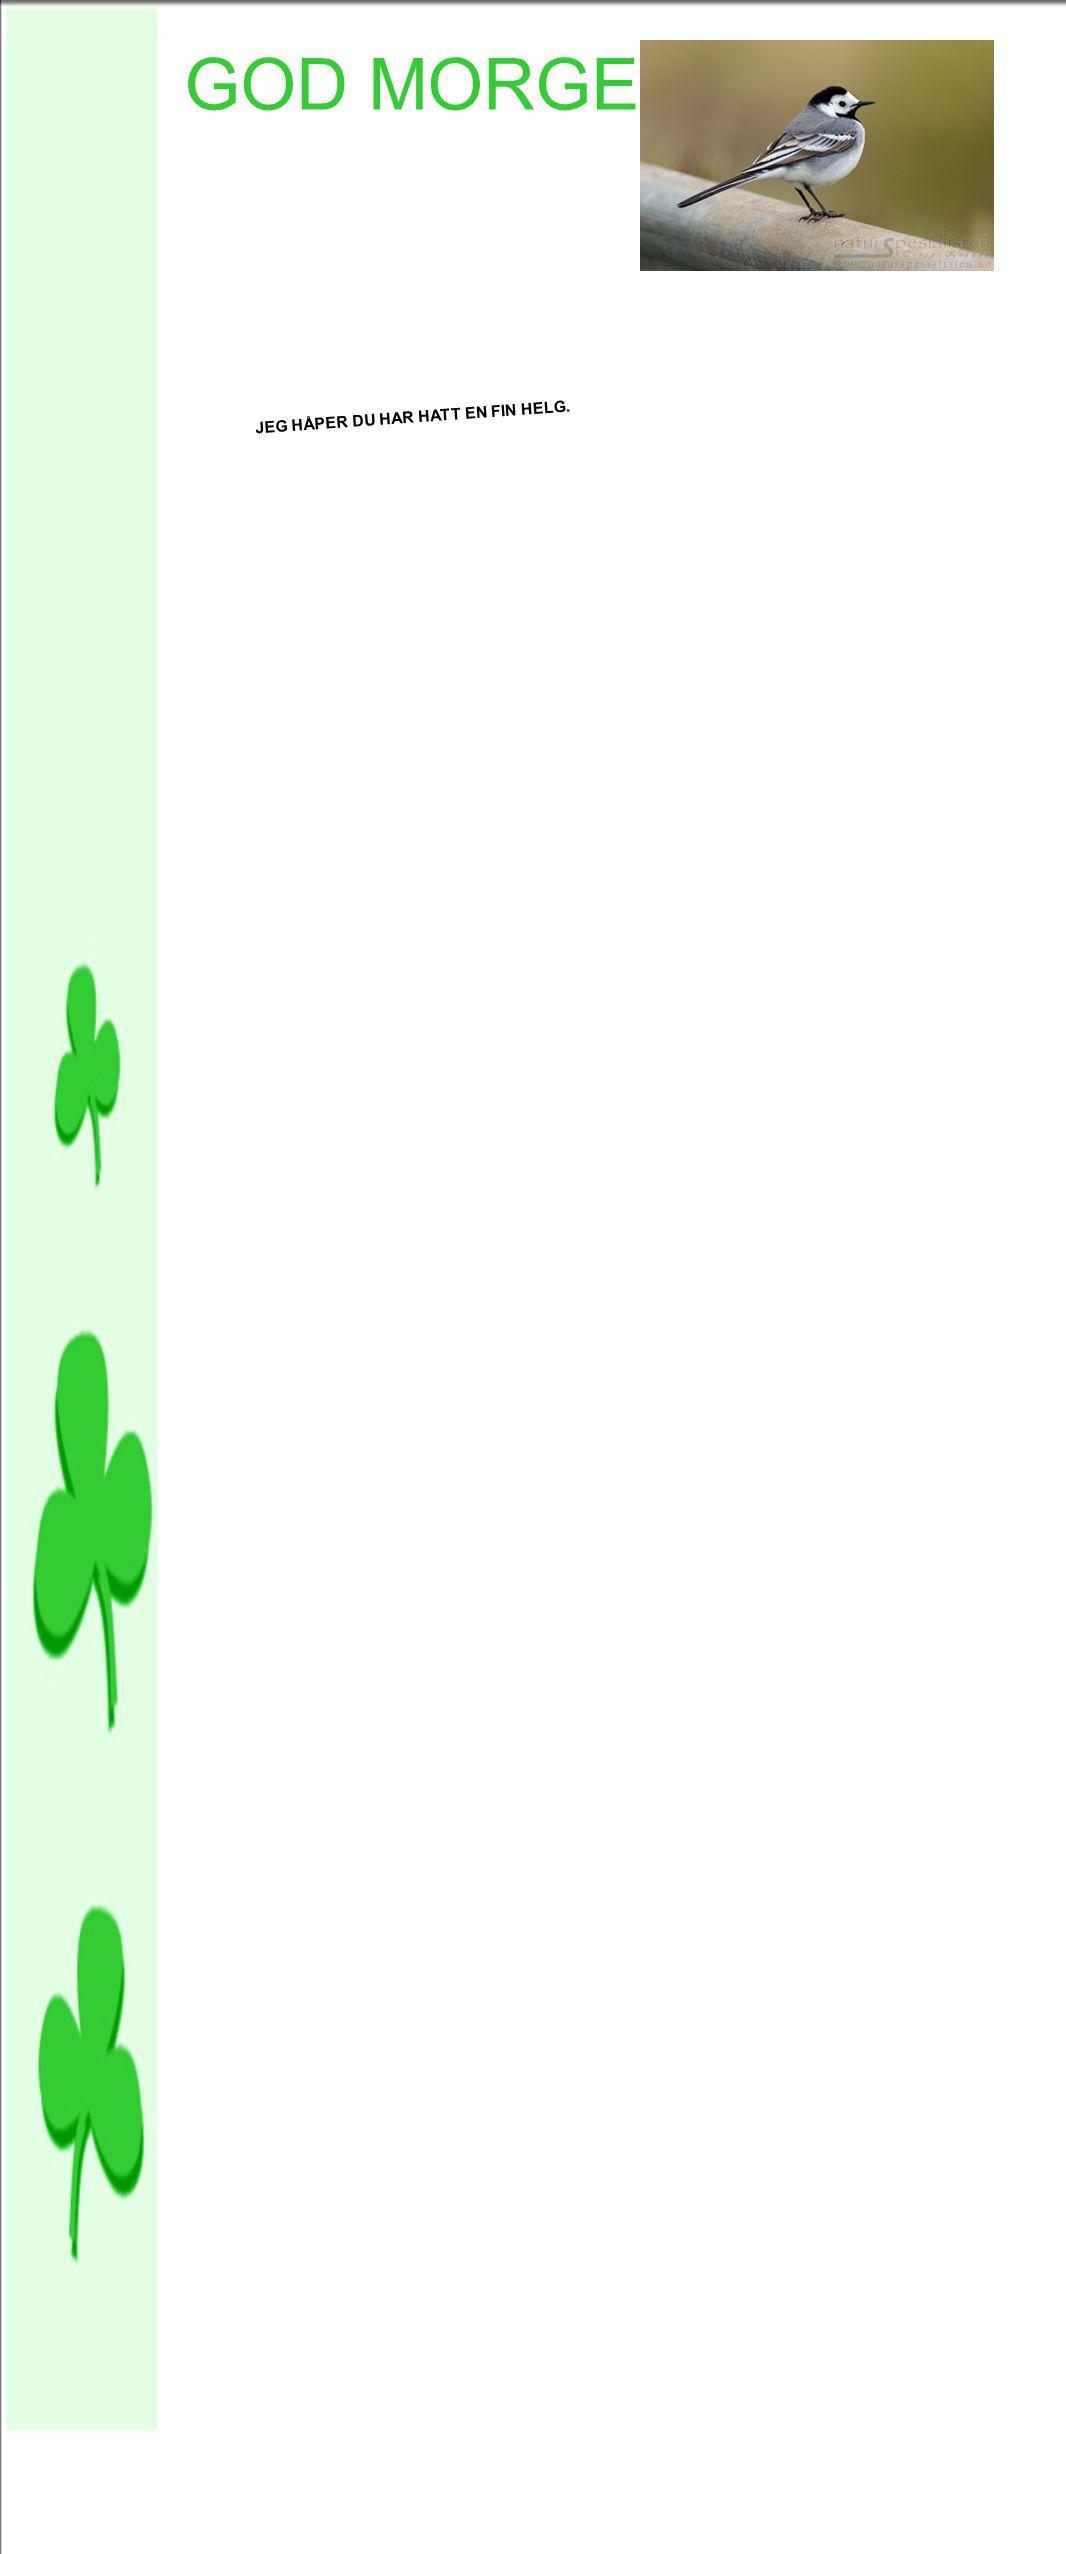 Vinterhalvåret ·For vinterhalvåret gjelder andre flaggtider enn i sommerhalvåret.